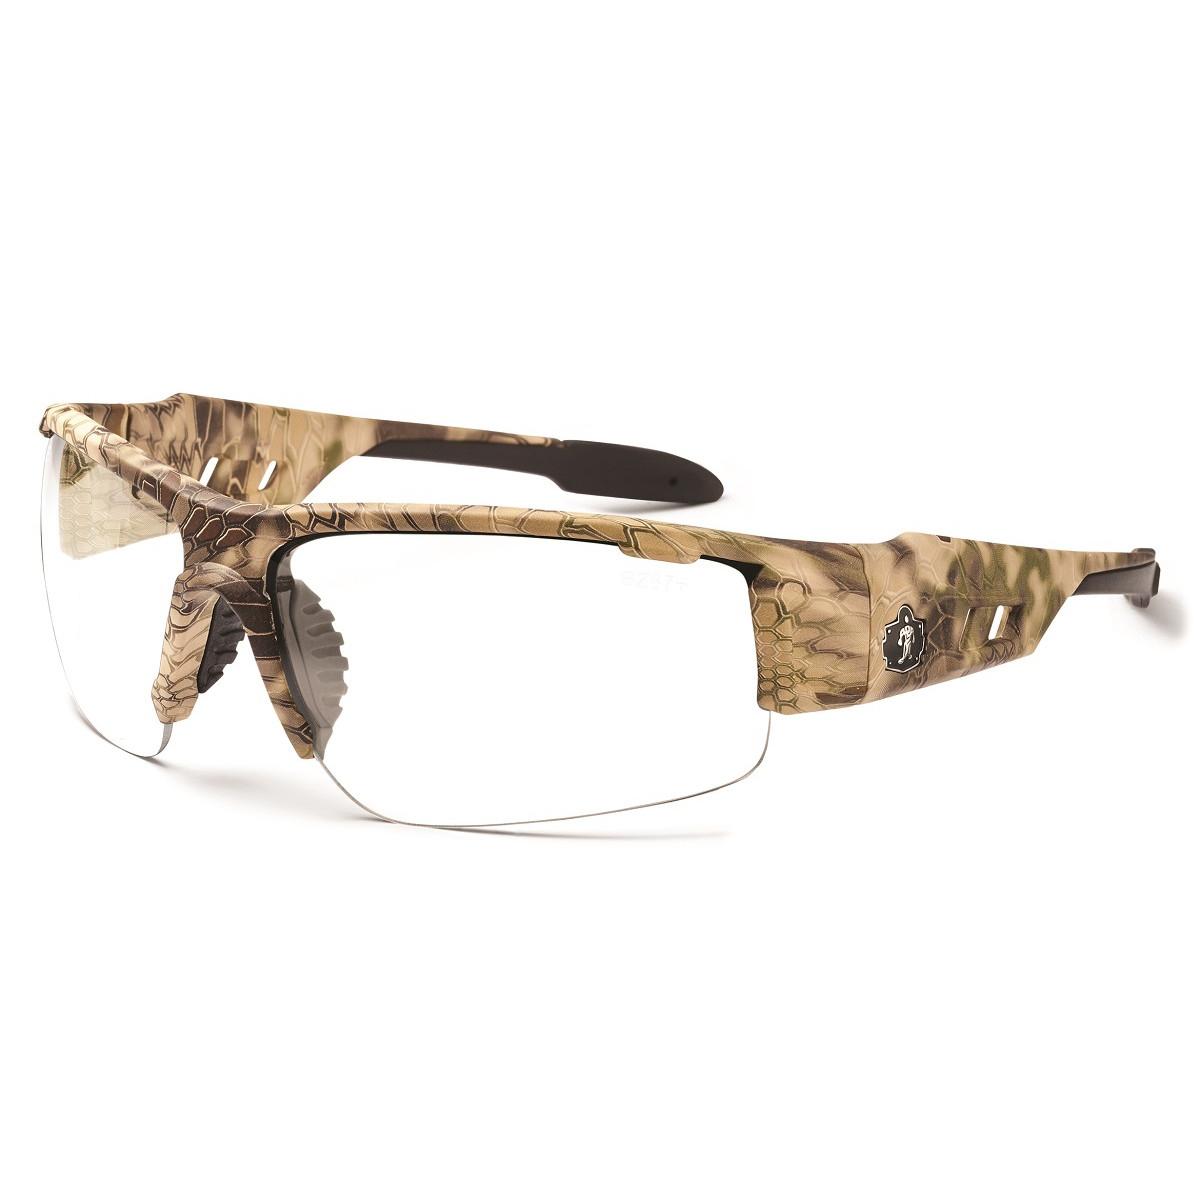 Ergodyne dagr 52300 safety glasses camo frame clear for 52300